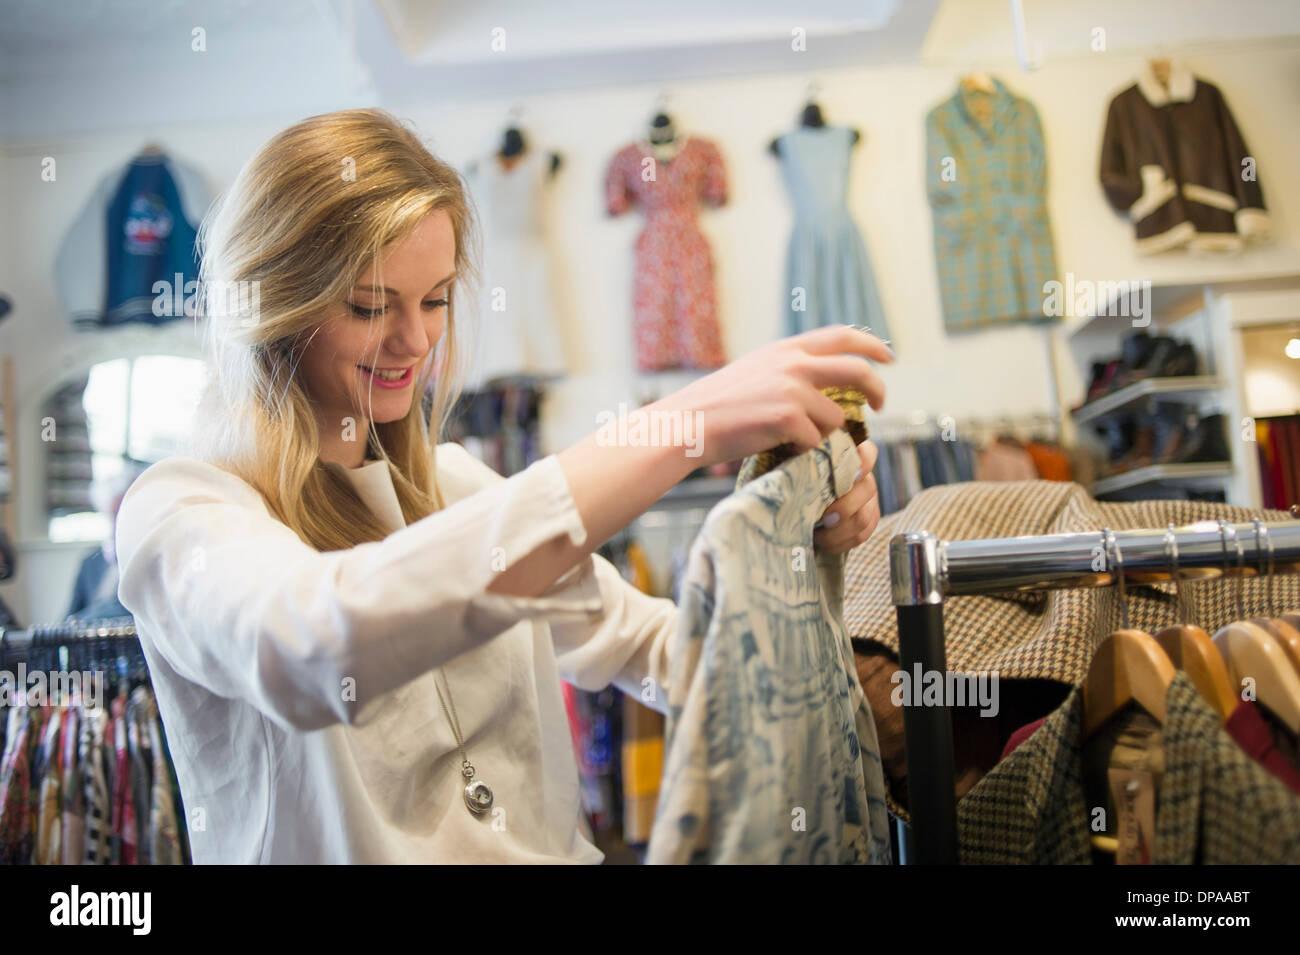 Frau oben Kleidungsstück betrachten Stockbild